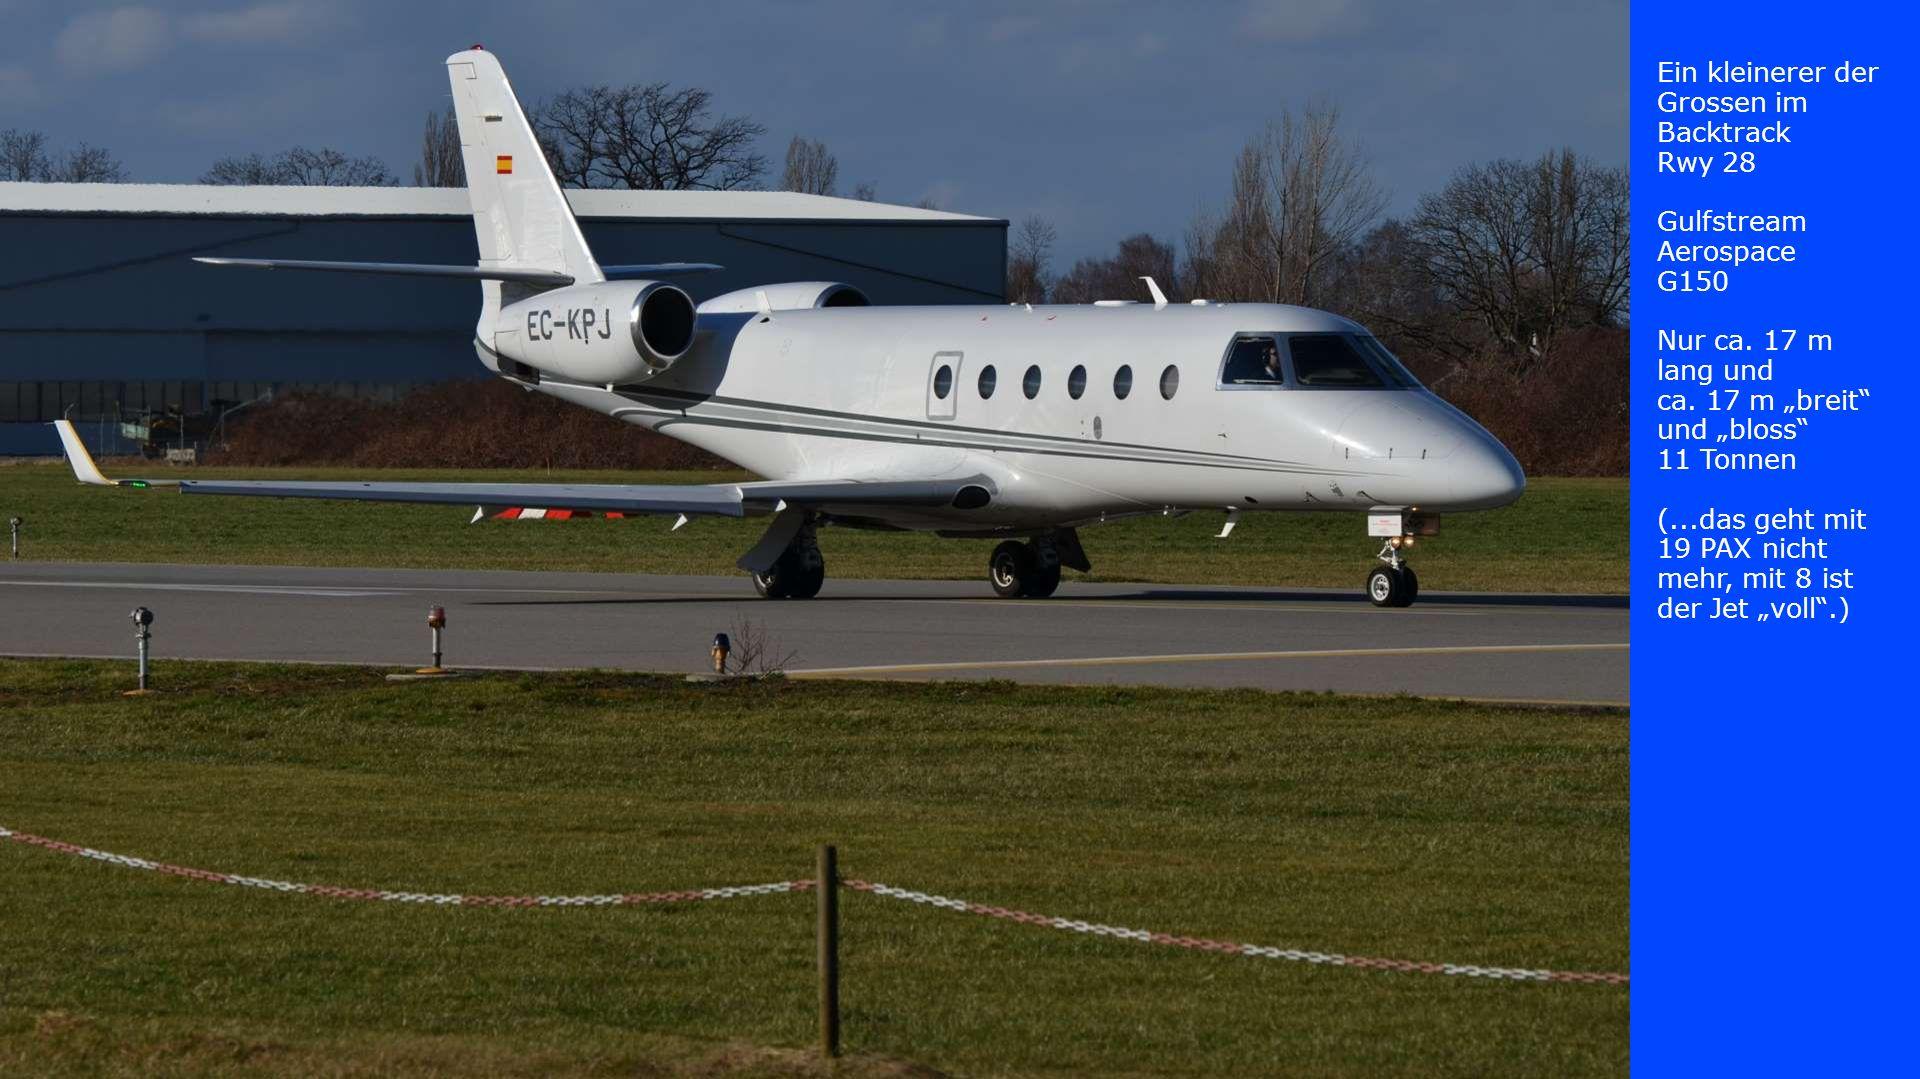 Ein kleinerer der Grossen im Backtrack Rwy 28 Gulfstream Aerospace G150 Nur ca. 17 m lang und ca. 17 m breit und bloss 11 Tonnen (...das geht mit 19 P